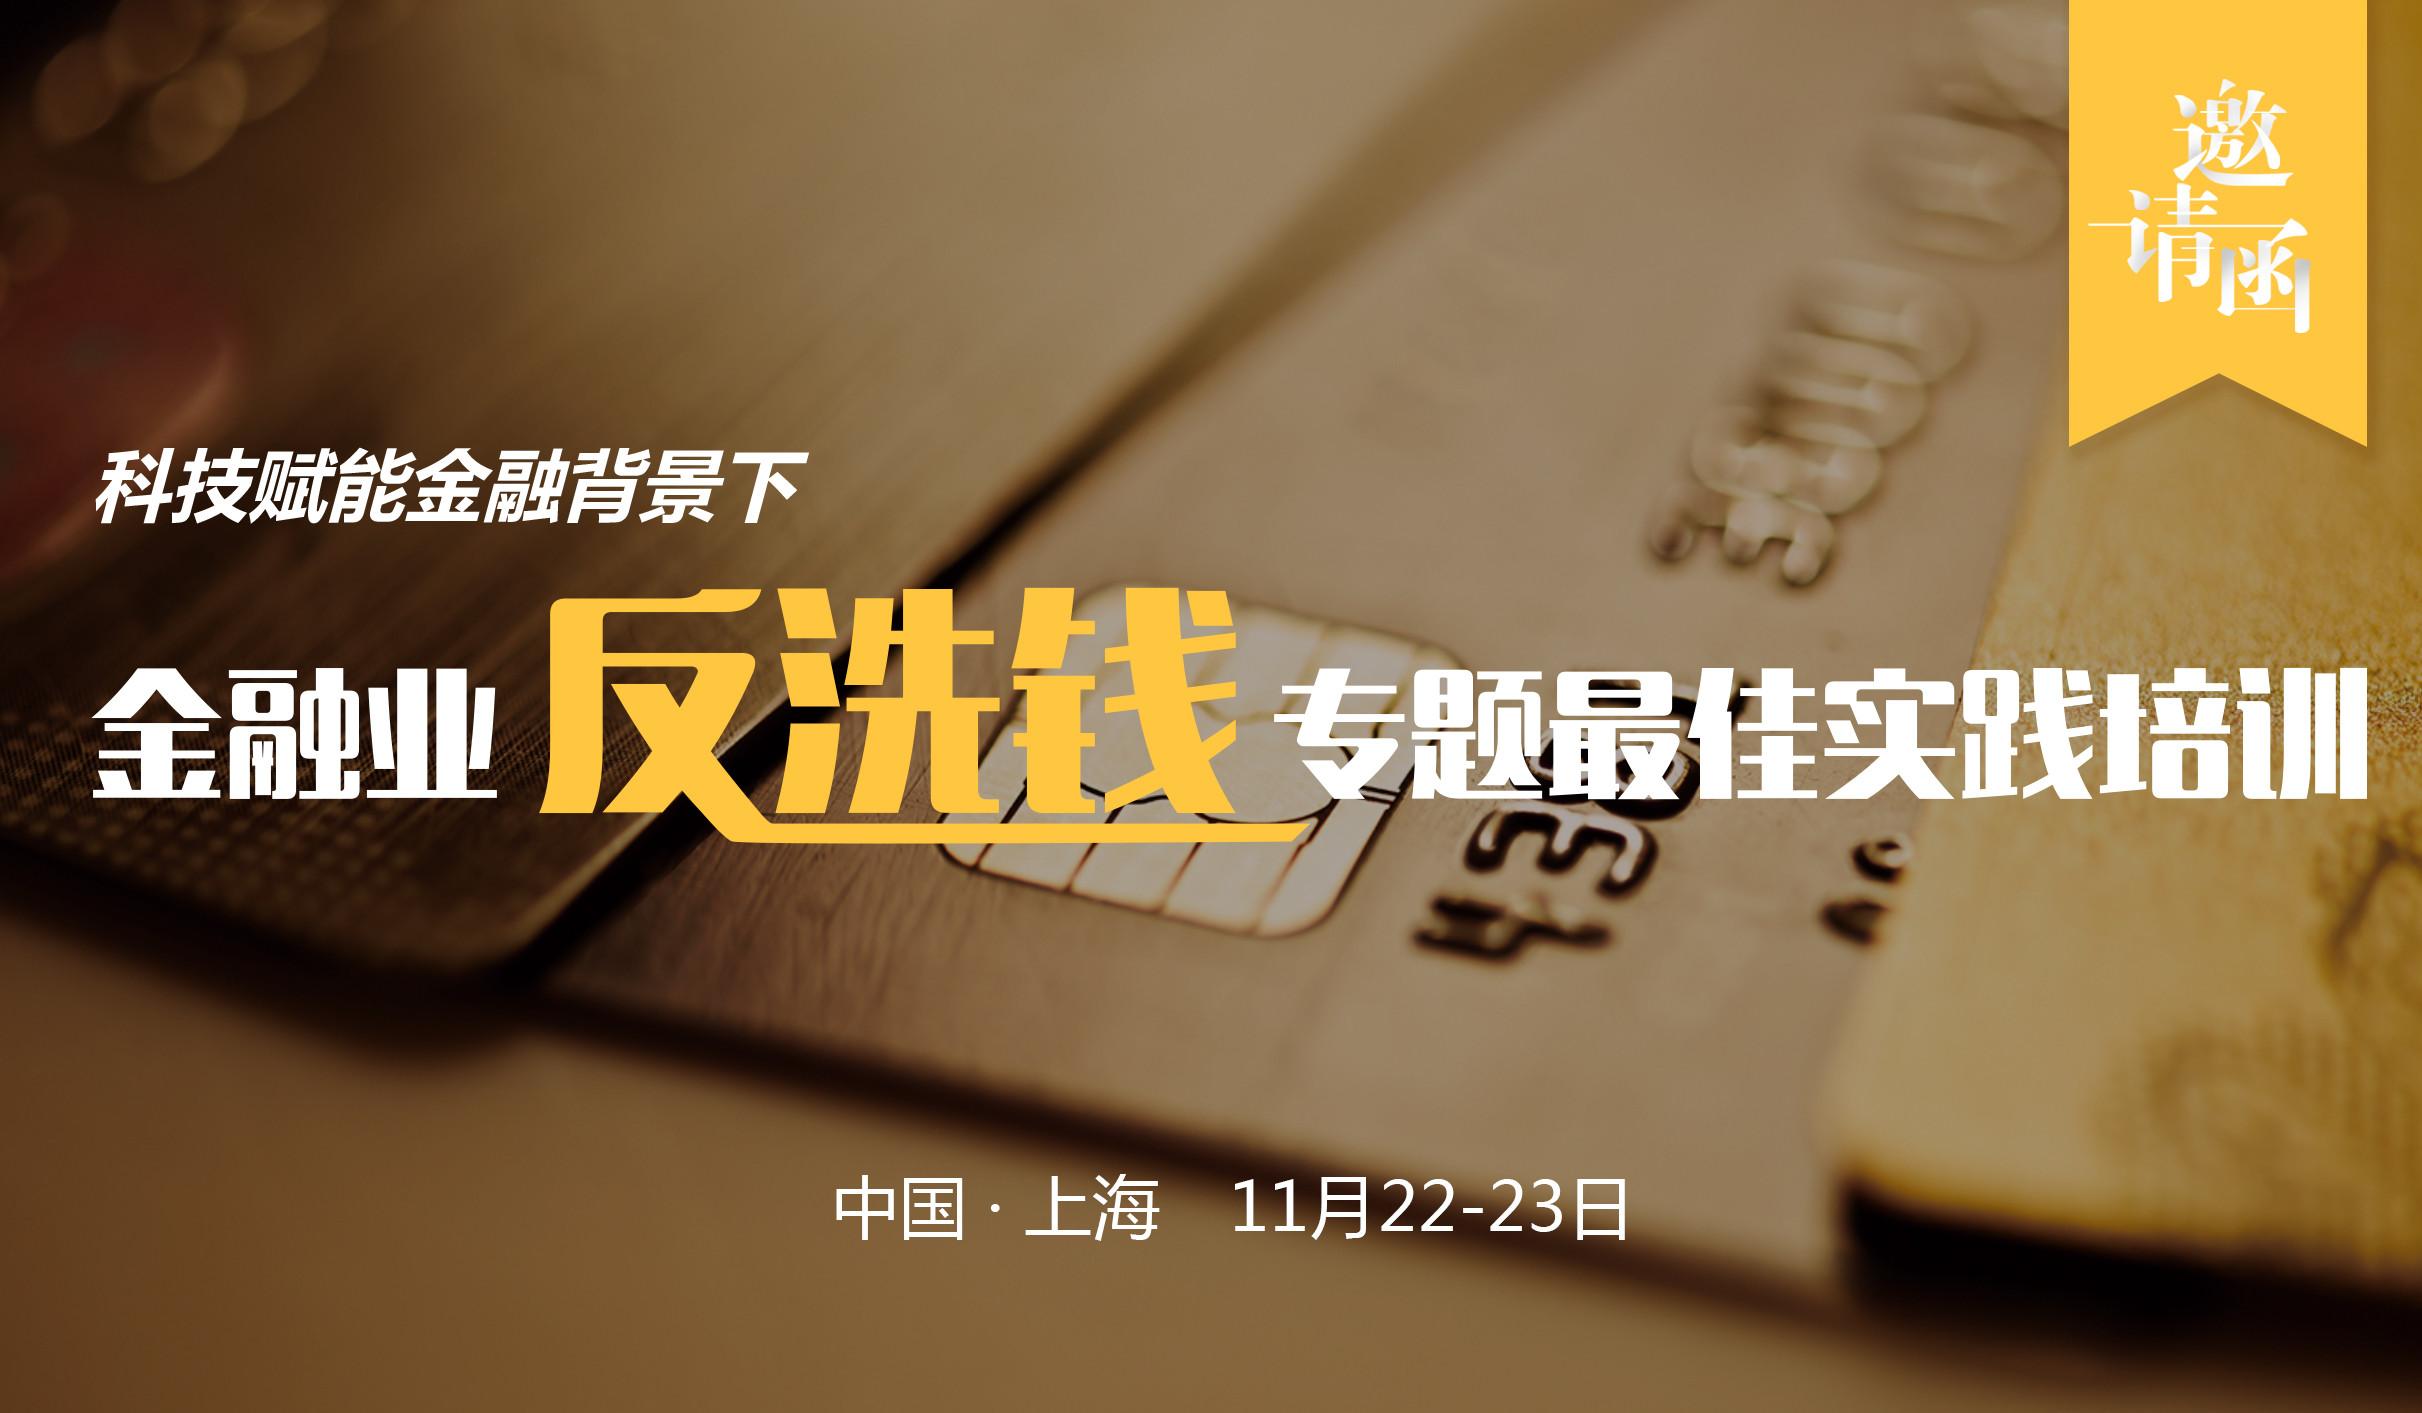 2018科技赋能金融背景下金融业反洗钱专题最佳实践培训(上海)